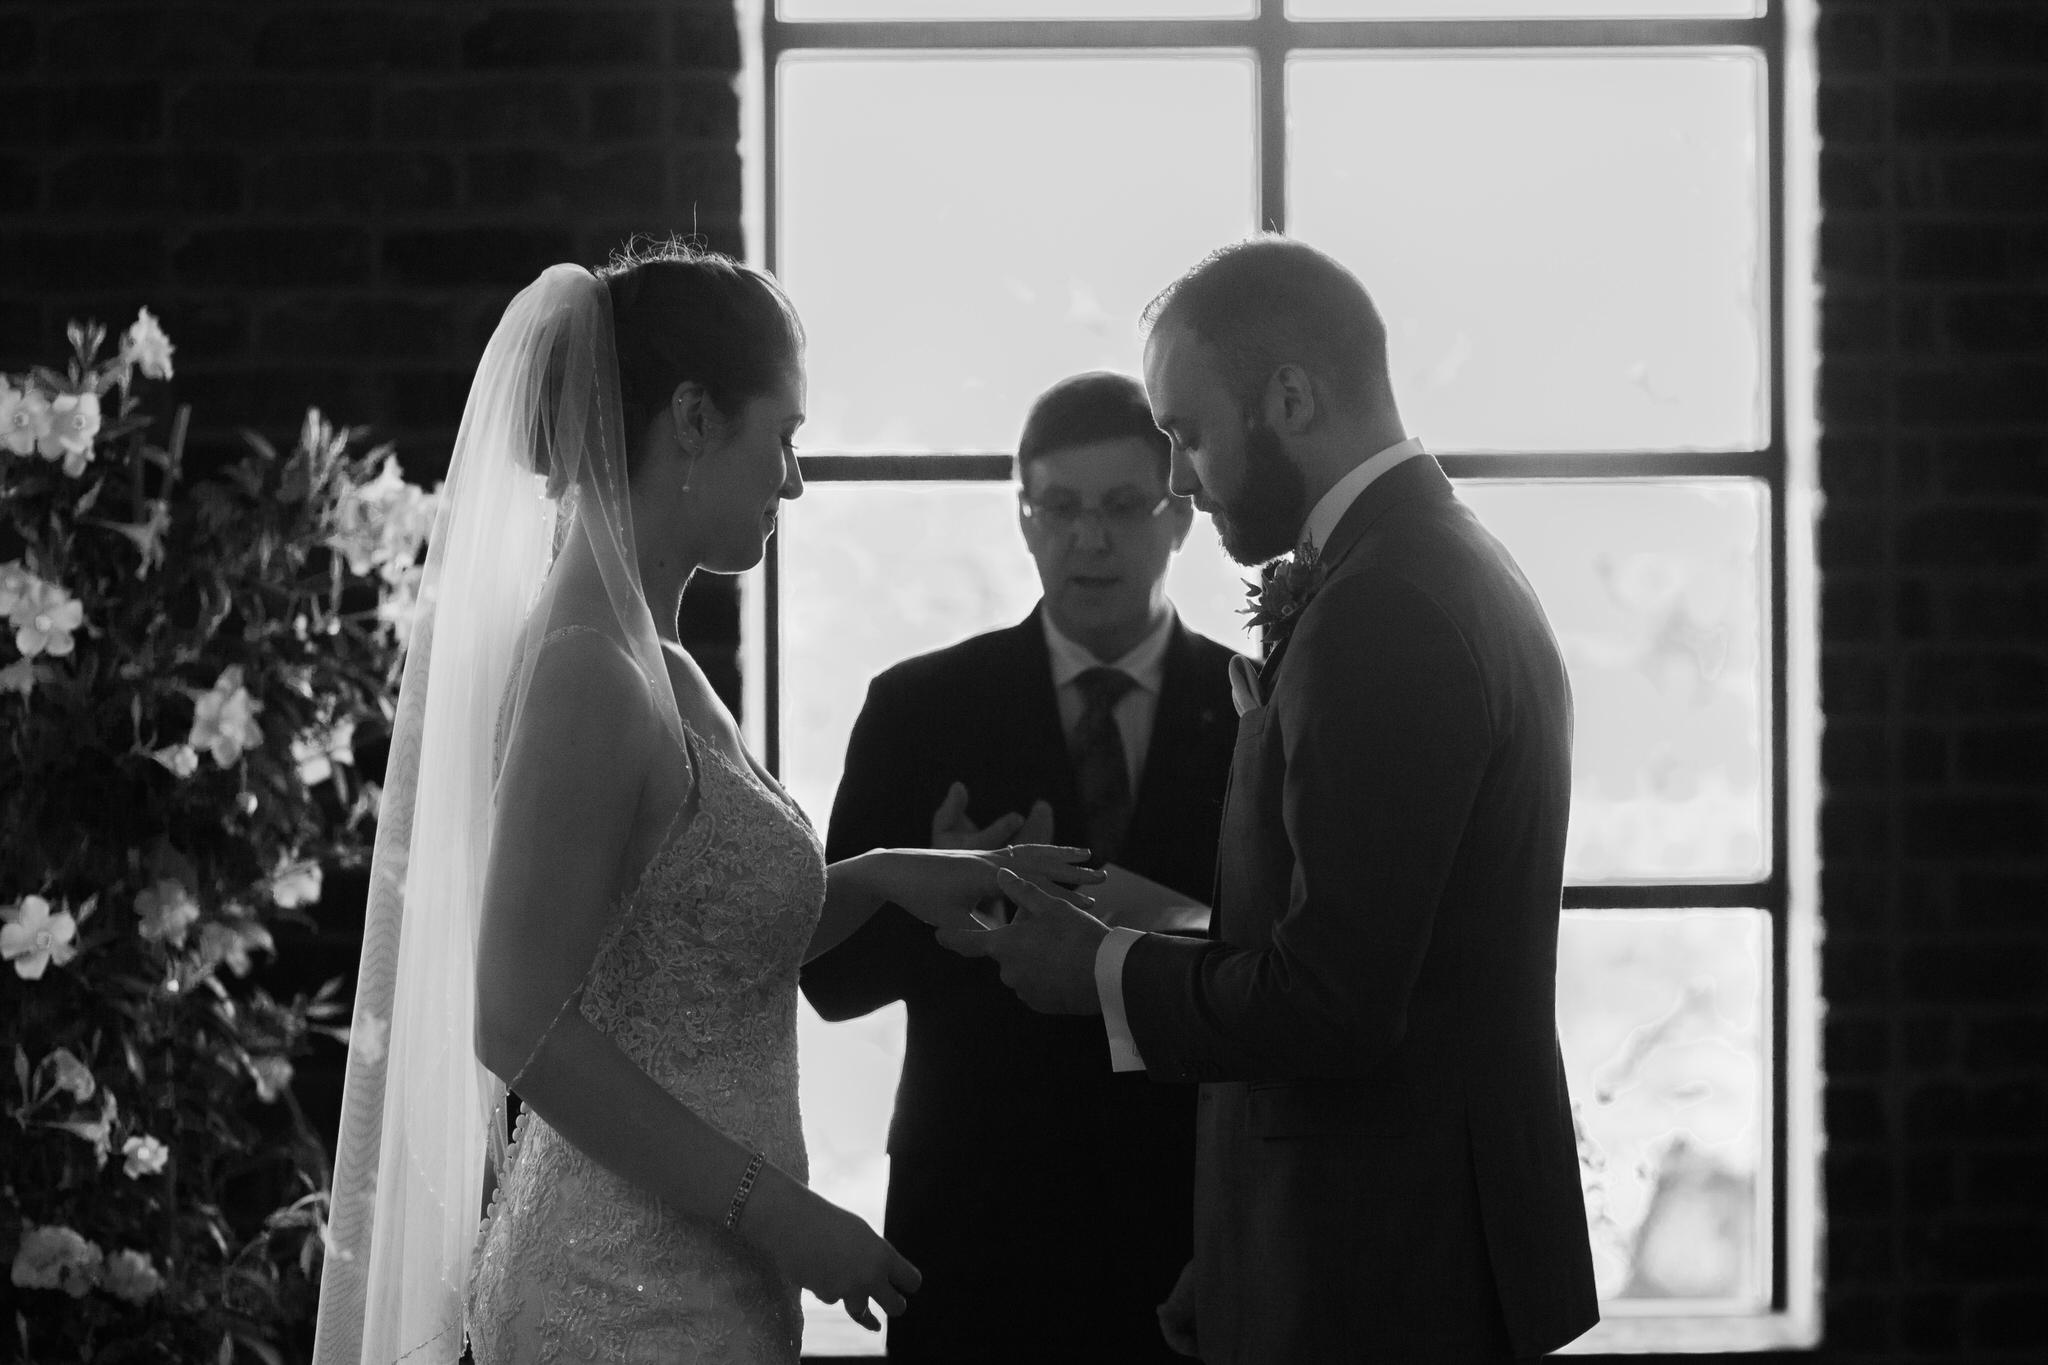 Brock Street Brewery Wedding - exchanging rings